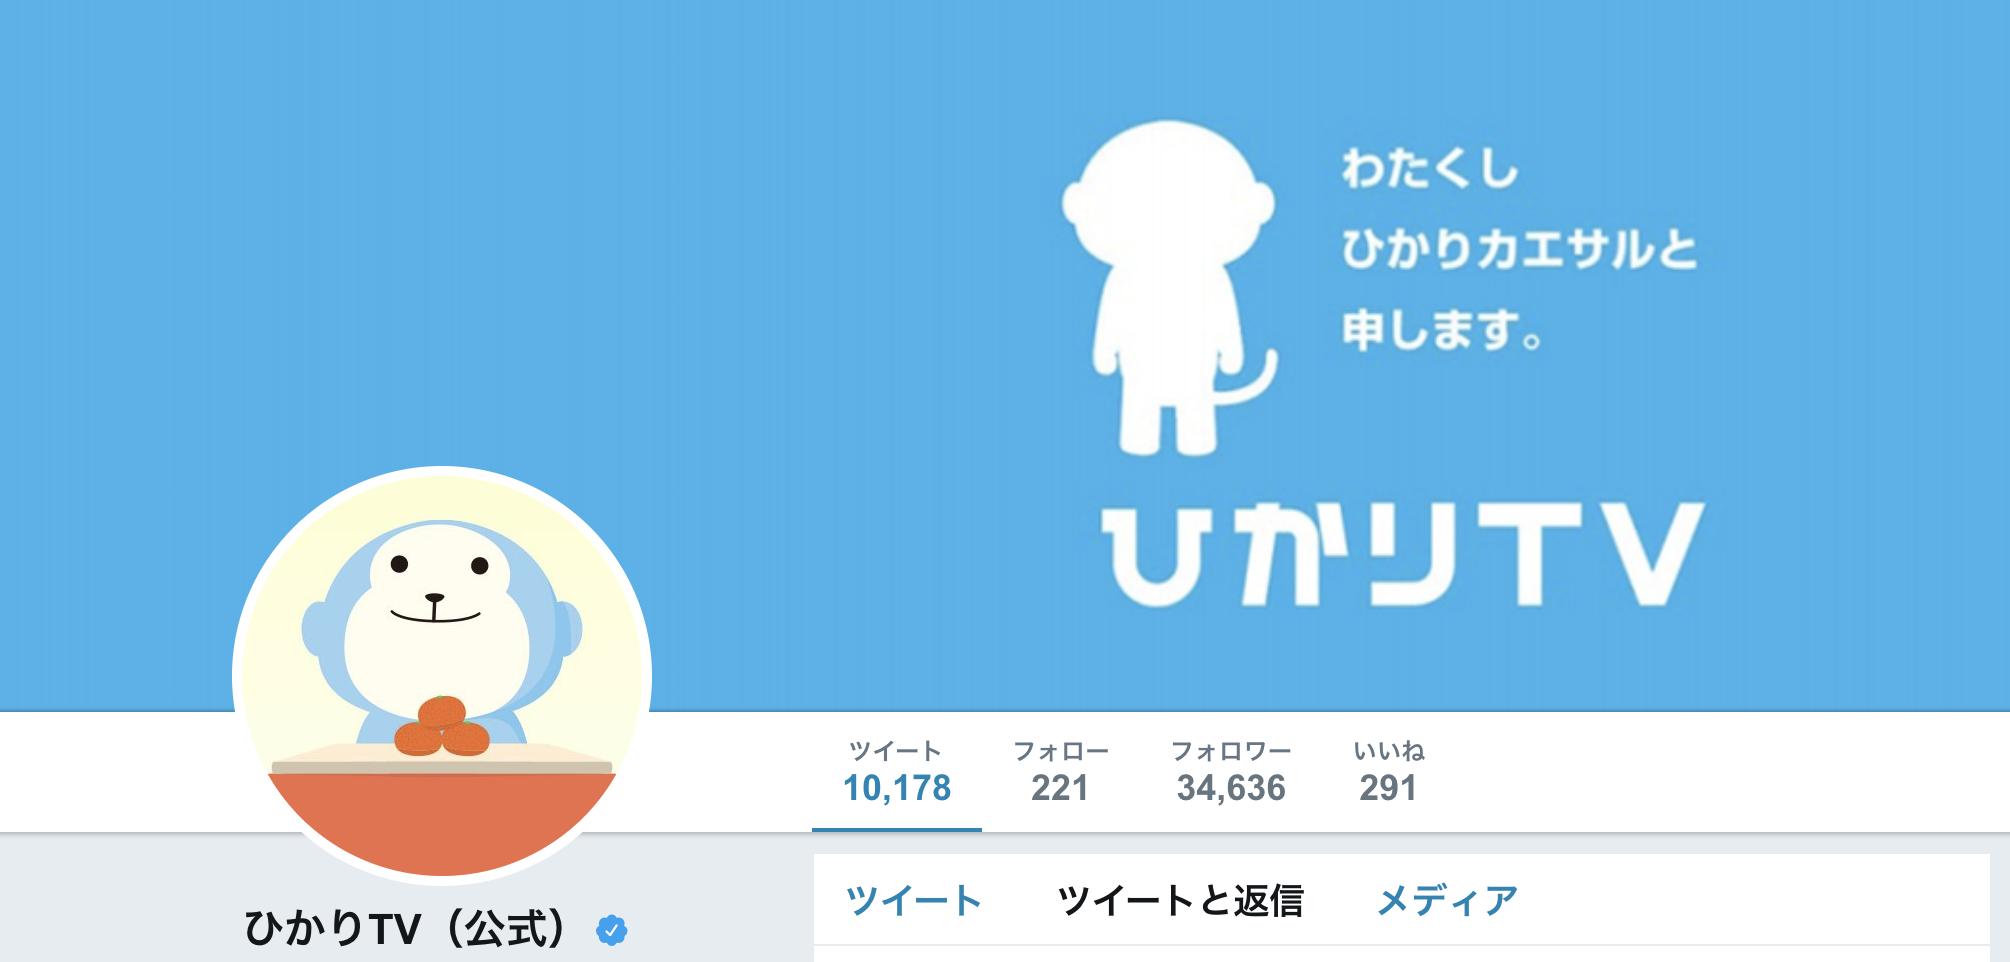 ひかりTVカウント画像